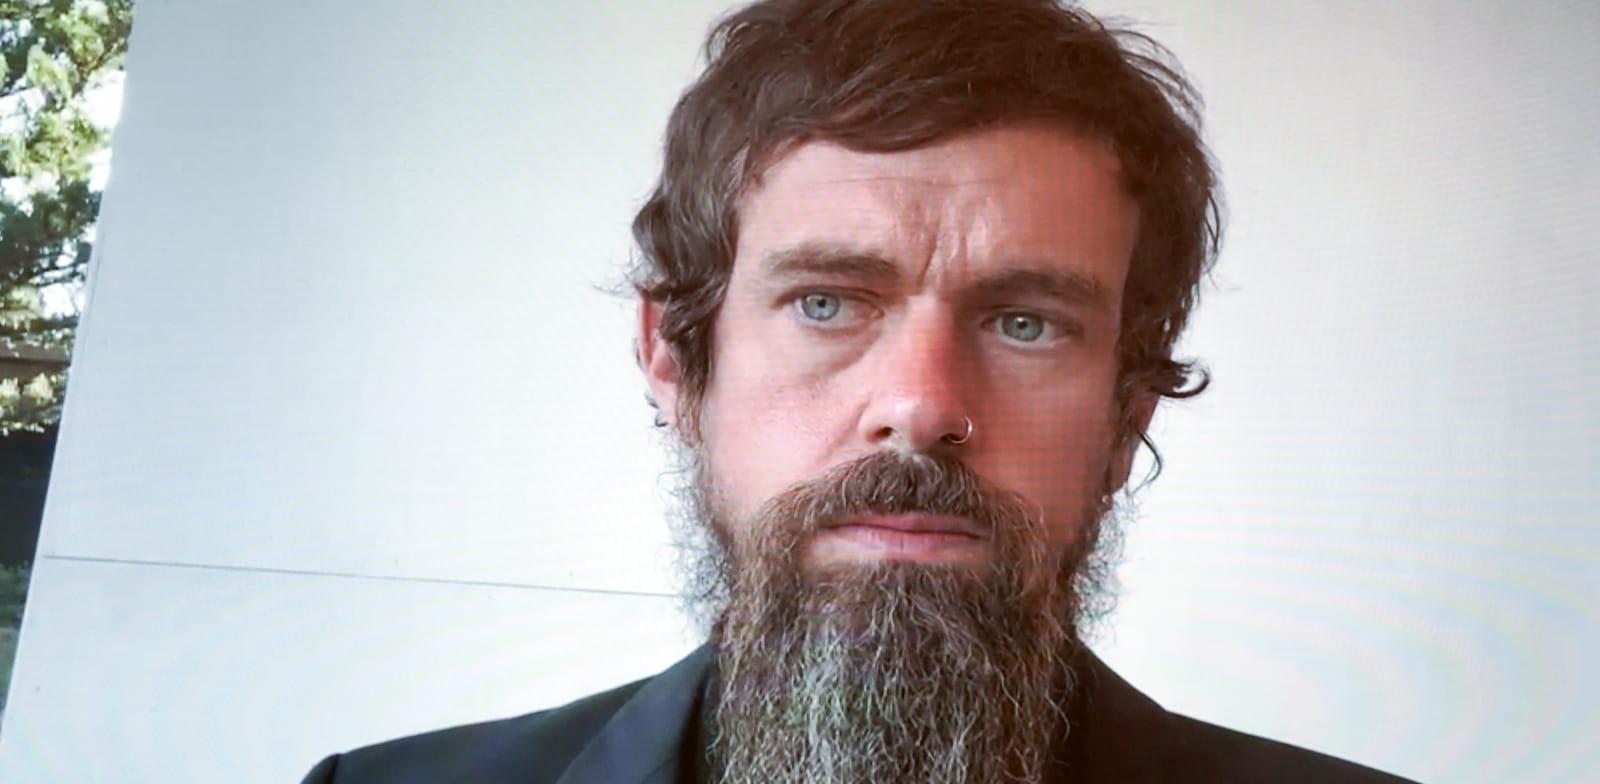 ג'ק דורסי. מייסד טוויטר ממליץ לעבור לסיגנל / צילום: Reuters, Sipa USA